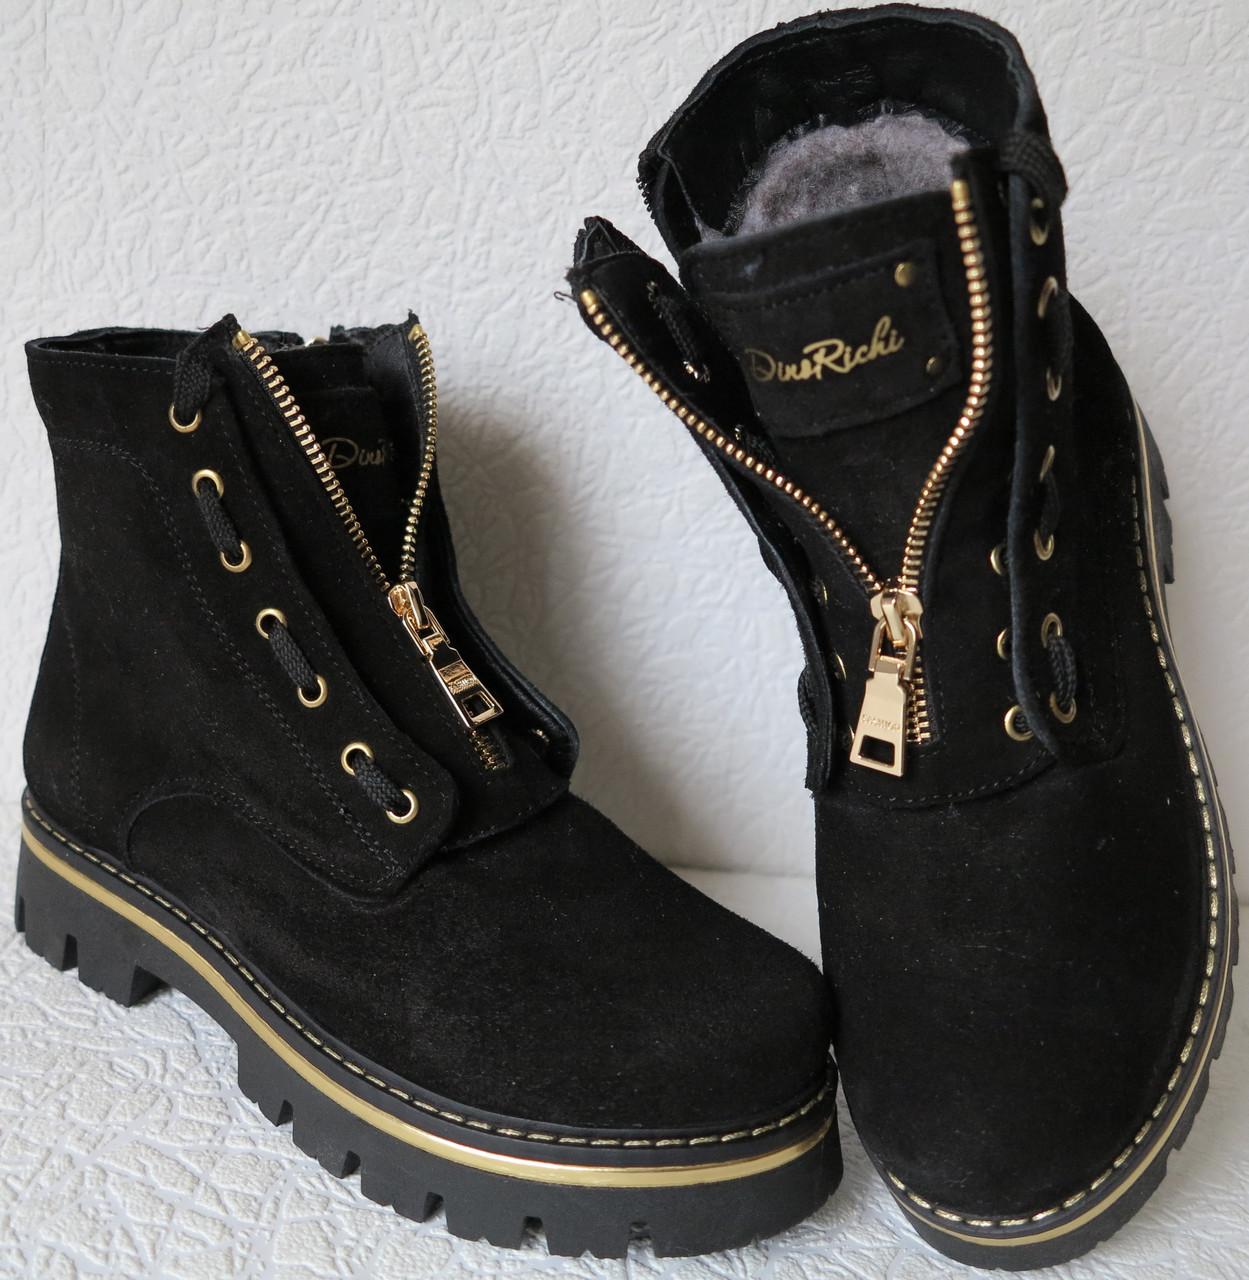 3c257fbc9684 Balmain лезвие зима! Женские в стиле Бальман черные сапоги ботинки  натуральная замша